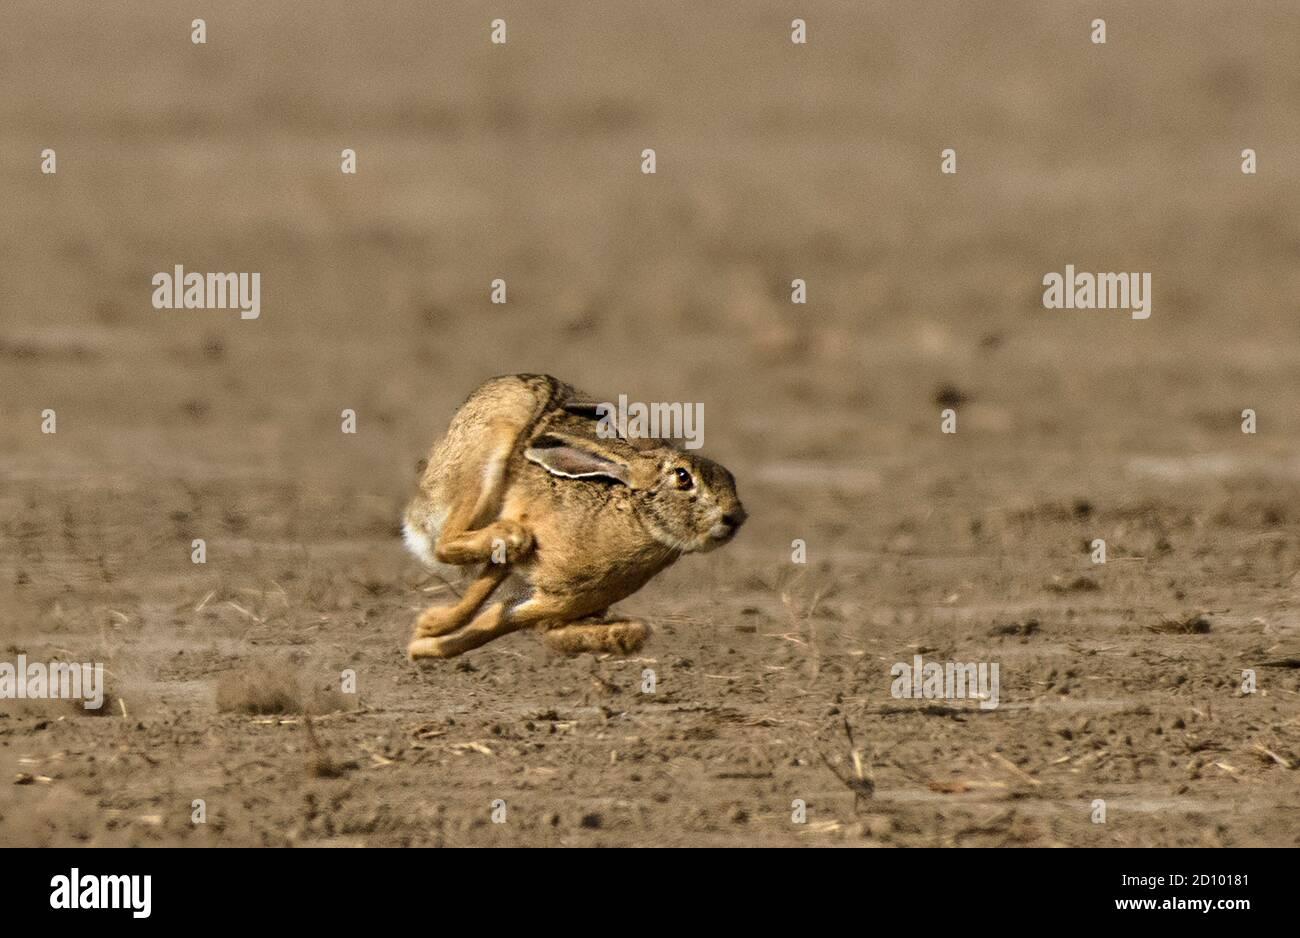 Los liebres (Lepus) y los liebres son leporidas pertenecientes al género Lepus. Las liebres se clasifican en la misma familia que los conejos. Foto de stock